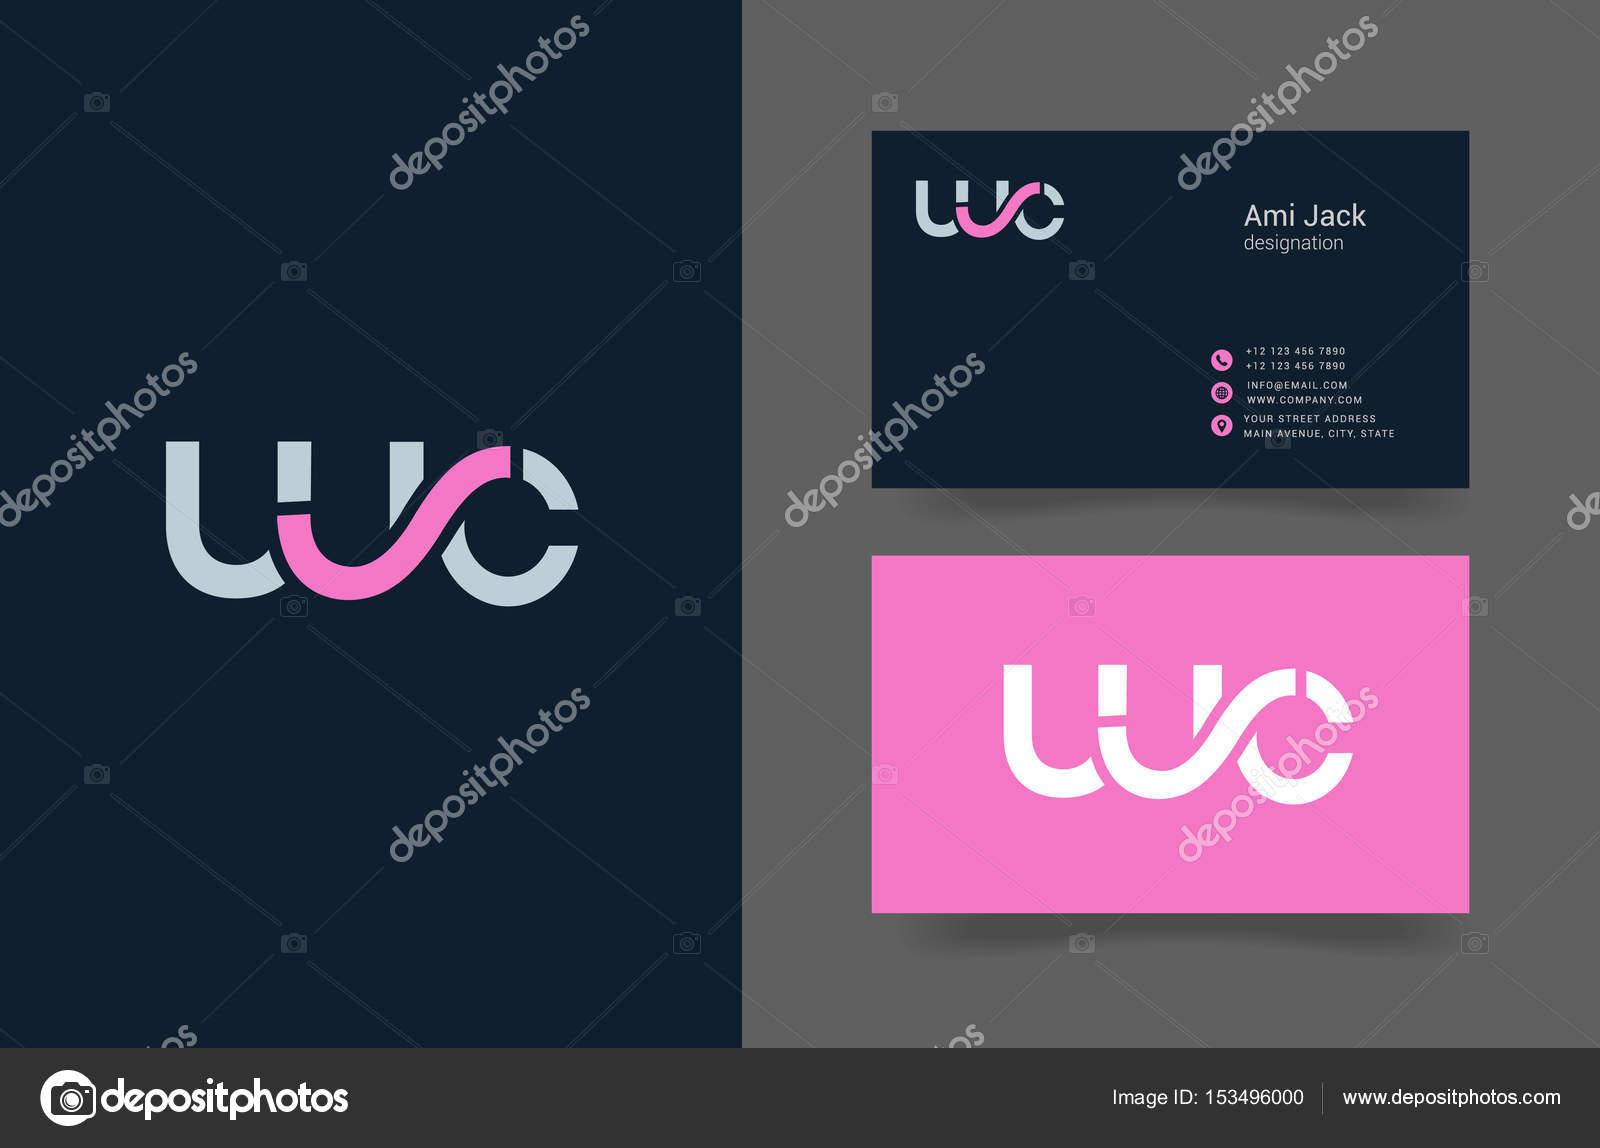 Logo letra de wc archivo imgenes vectoriales deepzdzyn 153496000 logo letra de wc archivo imgenes vectoriales urtaz Images